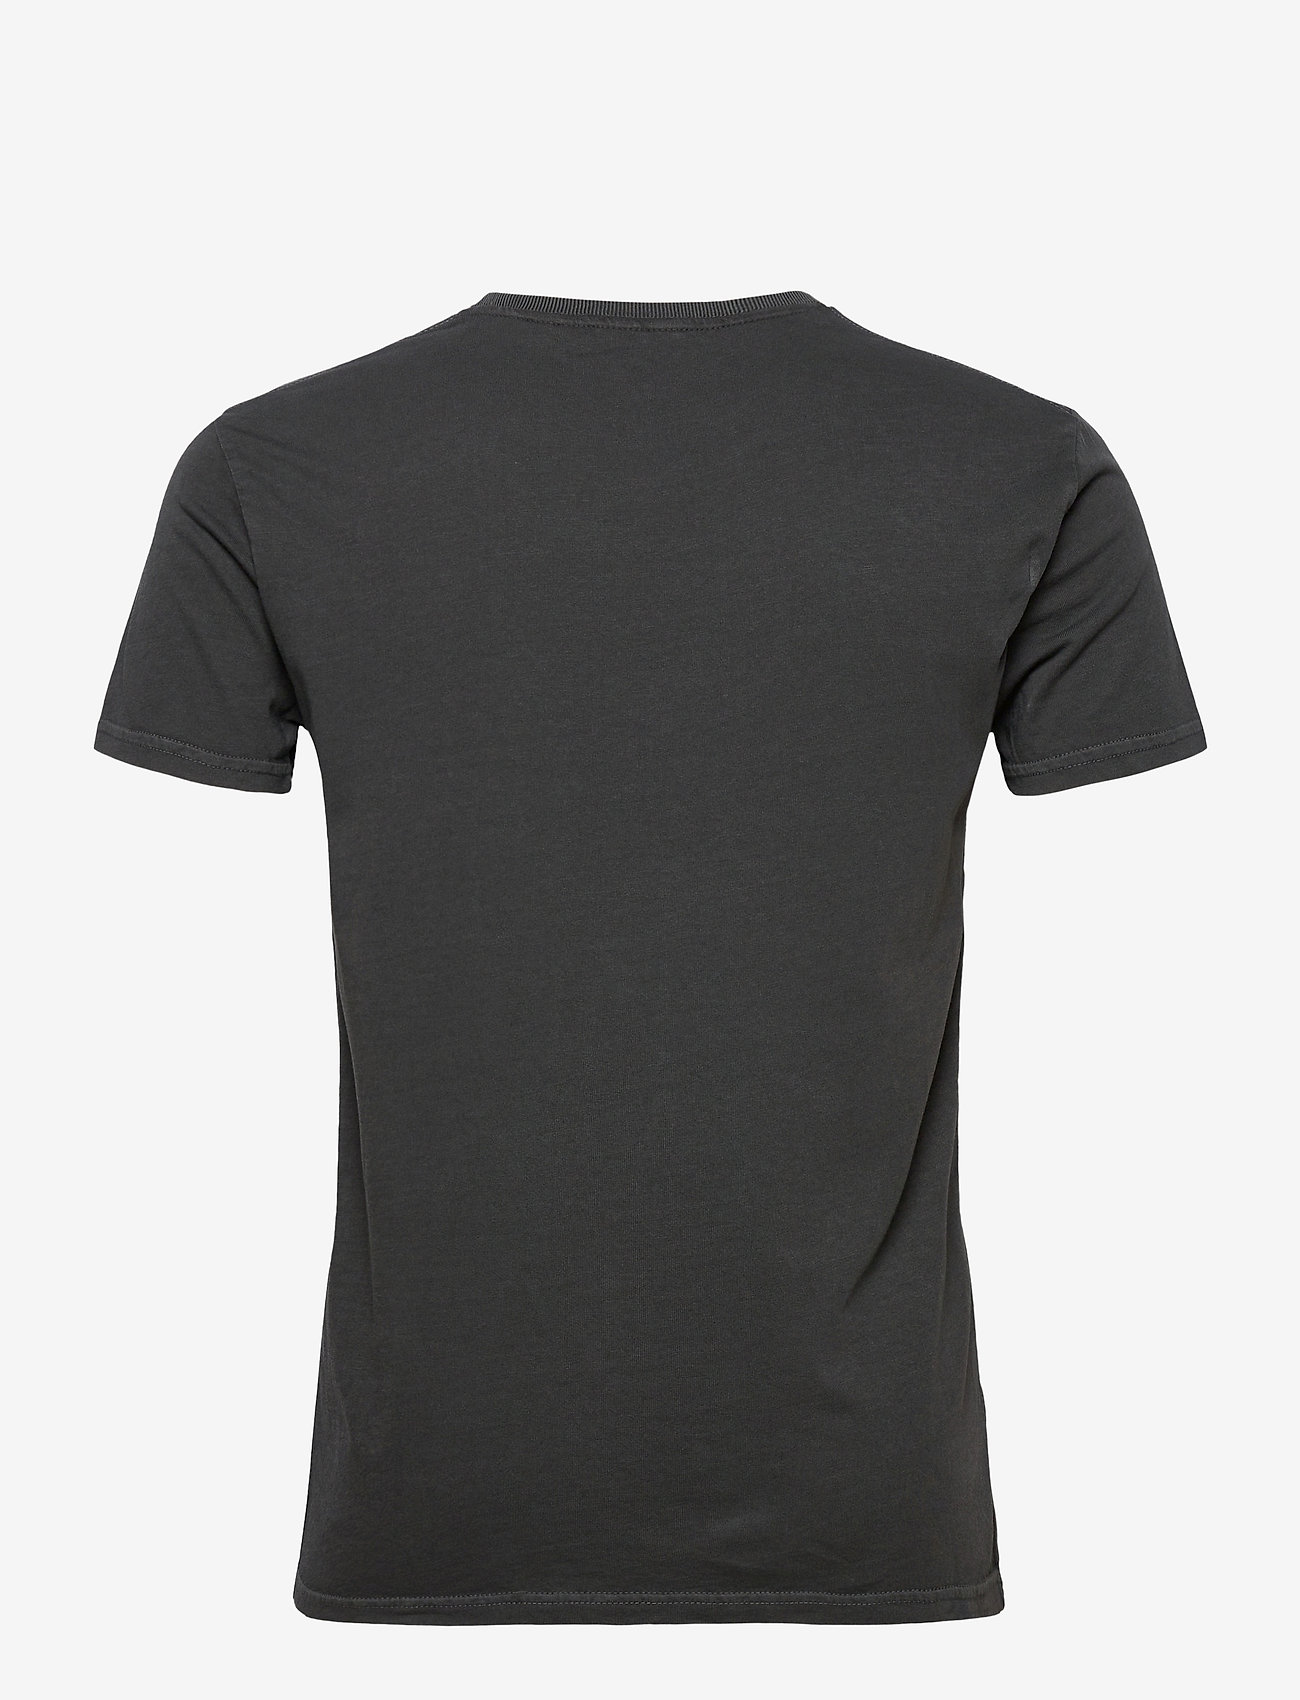 Superdry Dry Goods Pocket Tee - T-skjorter LEAD GREY - Menn Klær